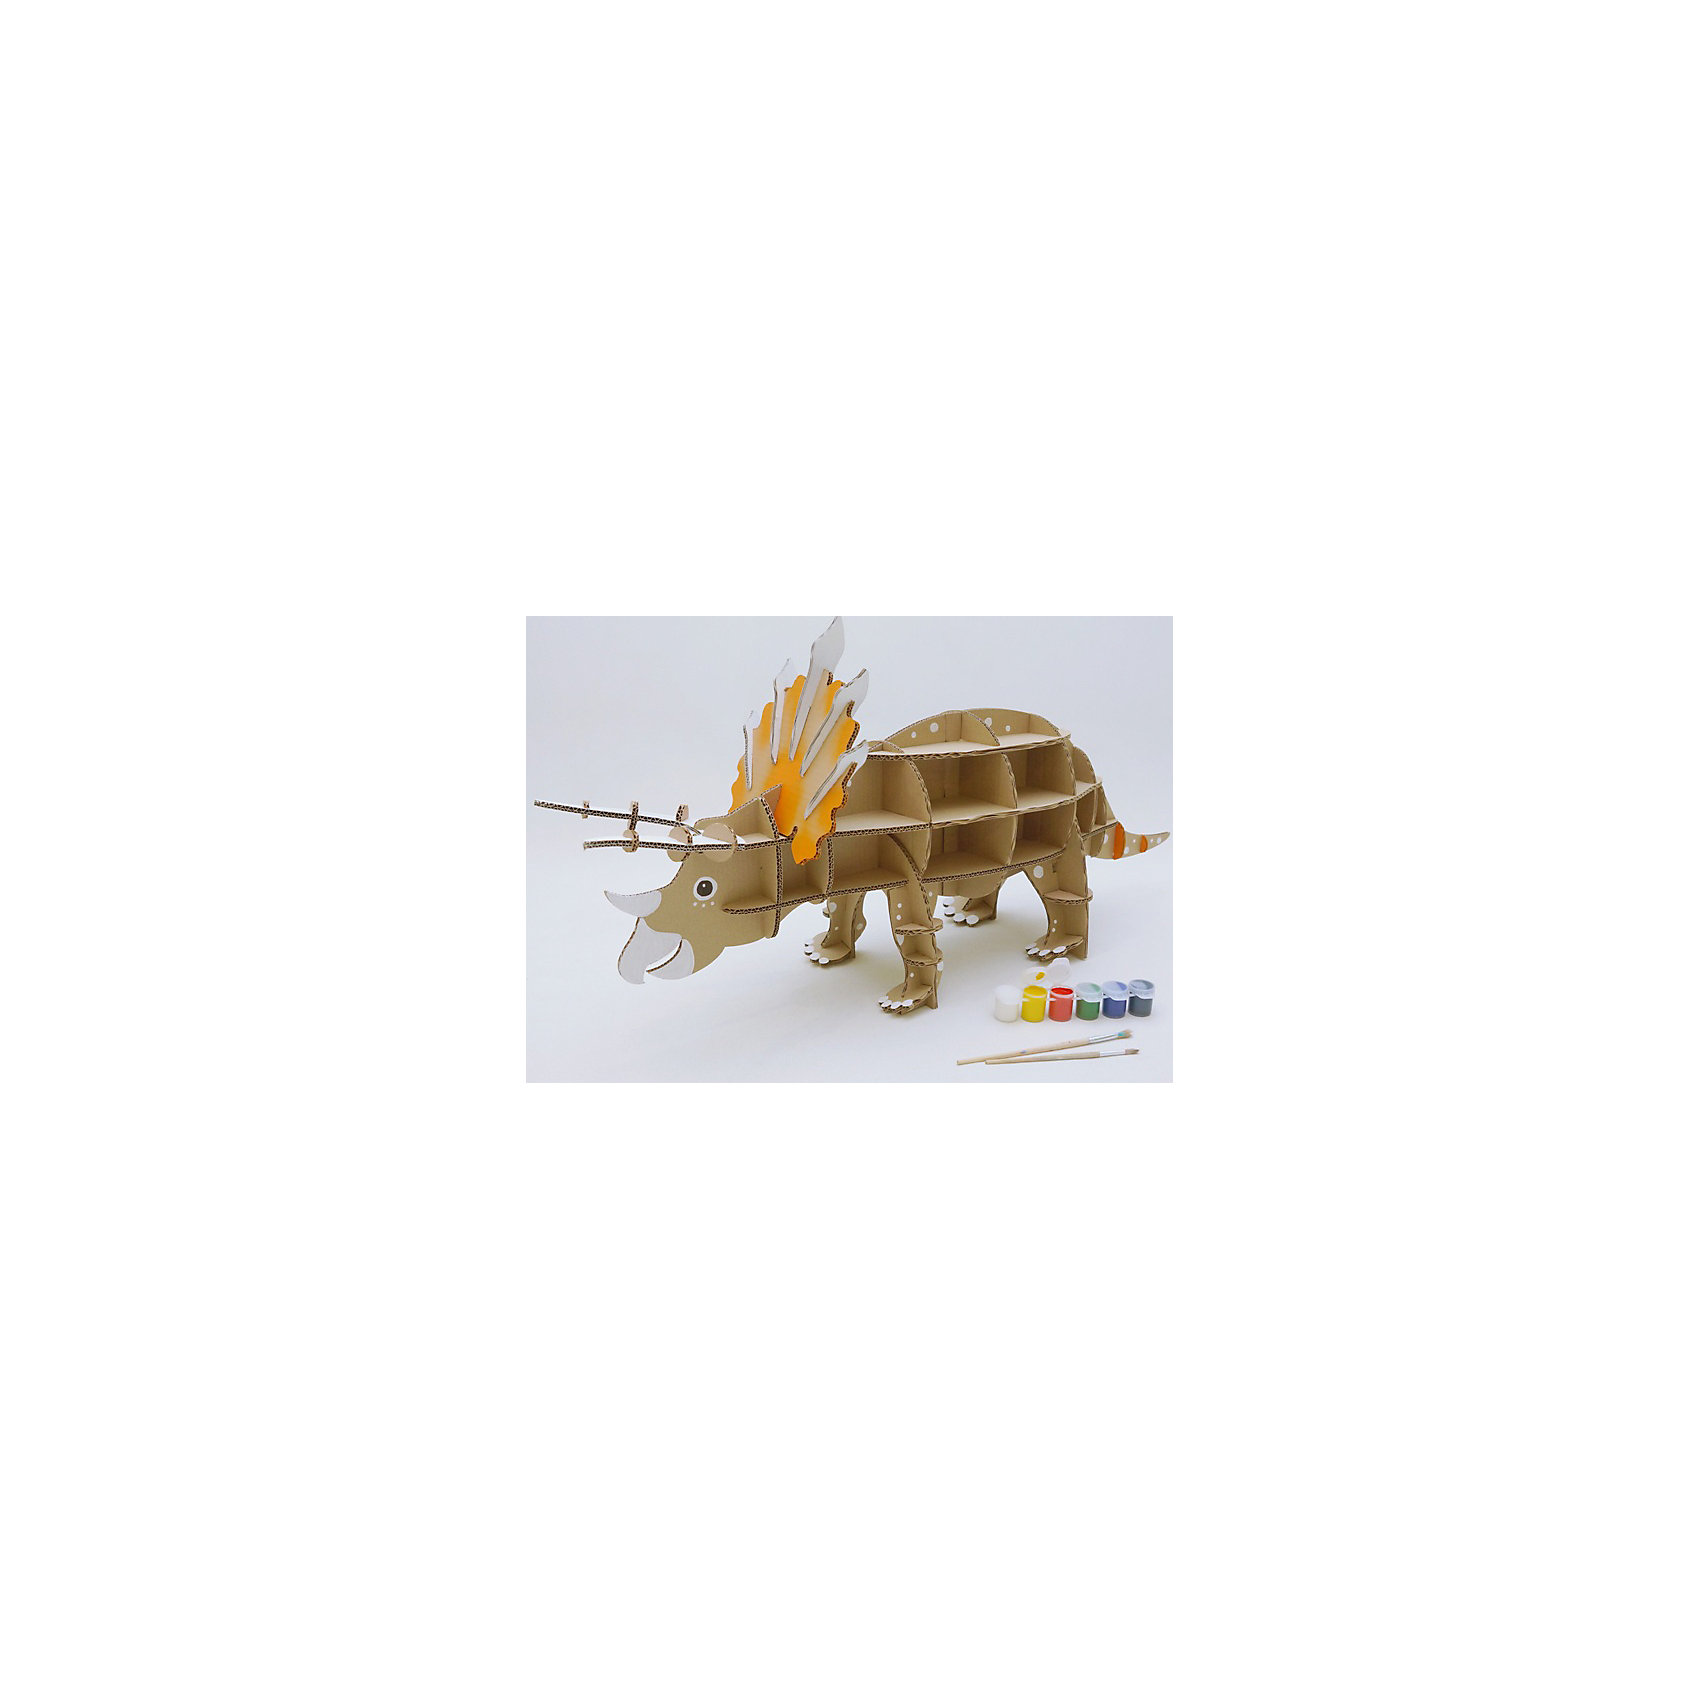 Набор игровой из картона Домашний Трицератопс, крафтБренды конструкторов<br>Характеристики:<br><br>• сборная модель из картонных деталей, без клея и ножниц;<br>• материал: гофрокартон;<br>• комплектация: детали для сборки динозавра, нейлоновые крепления, инструкция;<br>• размер динозавра в собранном виде: 96х47х28 см;<br>• размер упаковки: 46х46х7 см;<br>• вес: 1,3 кг.<br><br>Набор для творчества «Трицератопс» из серии «Домашний динозавр» предлагает ребятам собрать модель динозавра из картонных деталей. Модель собирается без клея, подробная инструкция объясняет процесс работы. У динозавра бока представлены как полочки, на которых удобно разместятся мелкие игрушечные зверушки, куколки или детские поделки. При желании динозавра можно раскрасить красками, фломастерами или карандашами.<br><br>Набор игровой из картона Домашний Трицератопс, крафт можно купить в нашем магазине.<br><br>Ширина мм: 460<br>Глубина мм: 460<br>Высота мм: 65<br>Вес г: 1100<br>Возраст от месяцев: 36<br>Возраст до месяцев: 2147483647<br>Пол: Унисекс<br>Возраст: Детский<br>SKU: 5253050